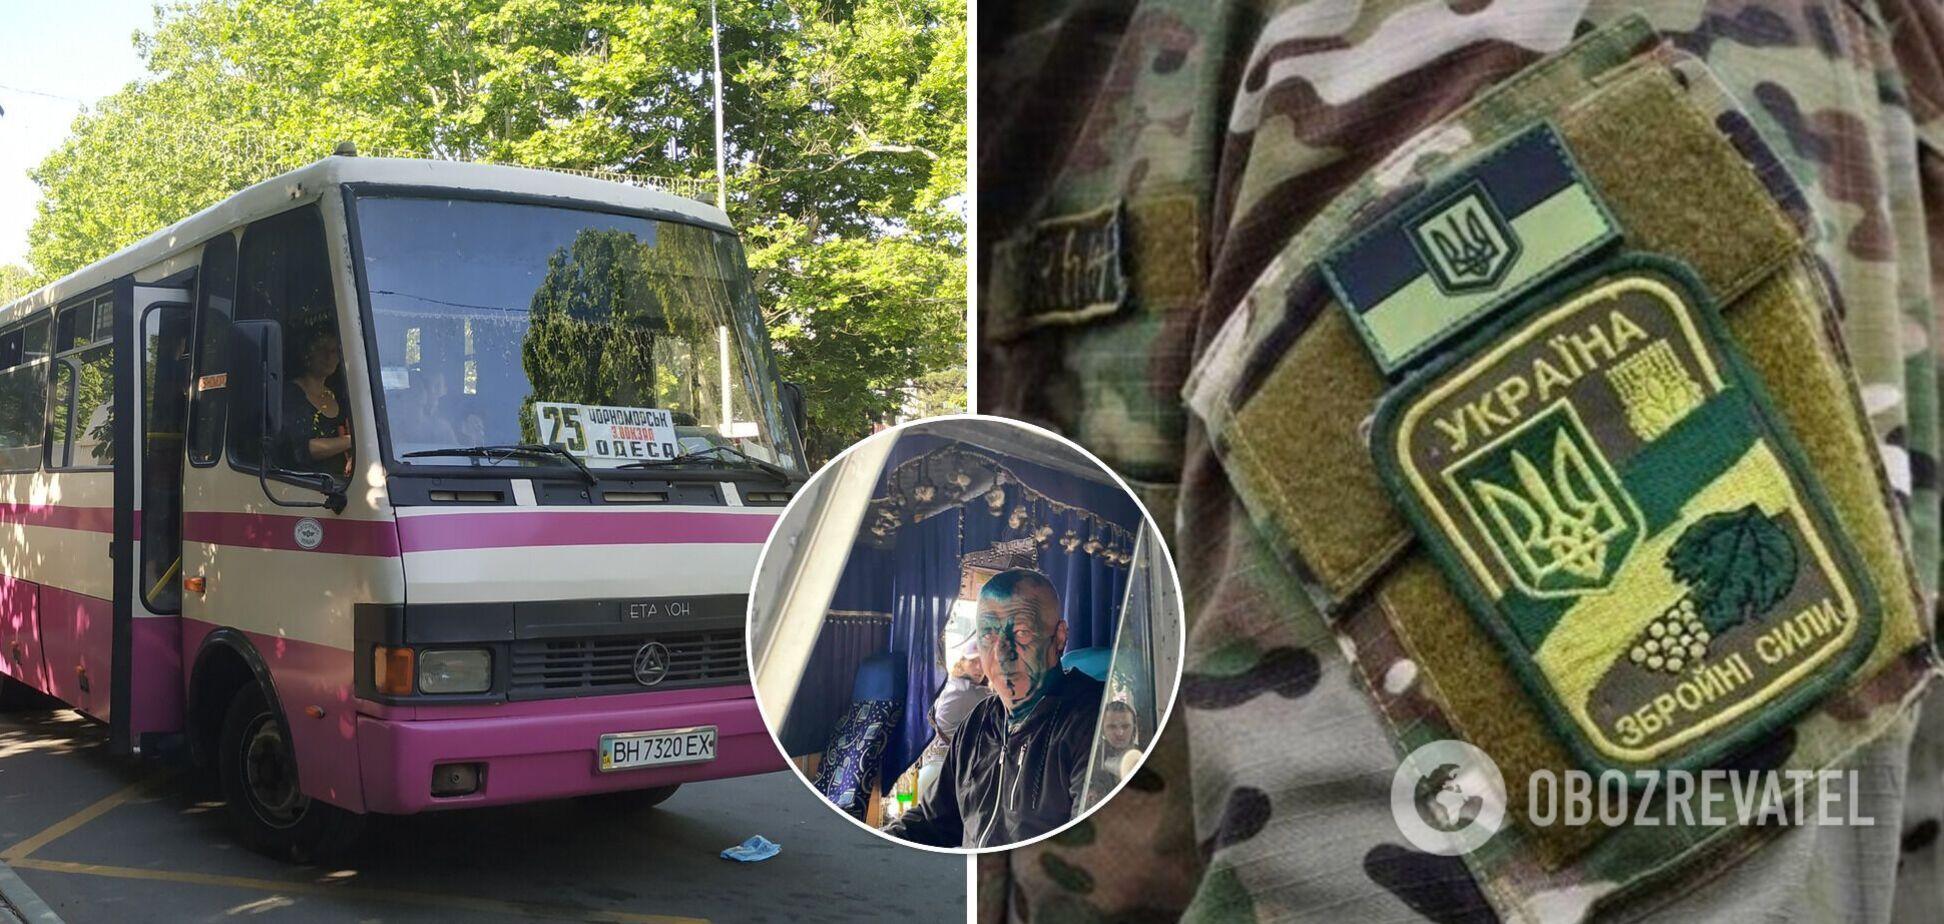 Під Одесою водій маршрутки відмовив ветерану АТО в пільговому проїзді: його провчили зеленкою. Фото